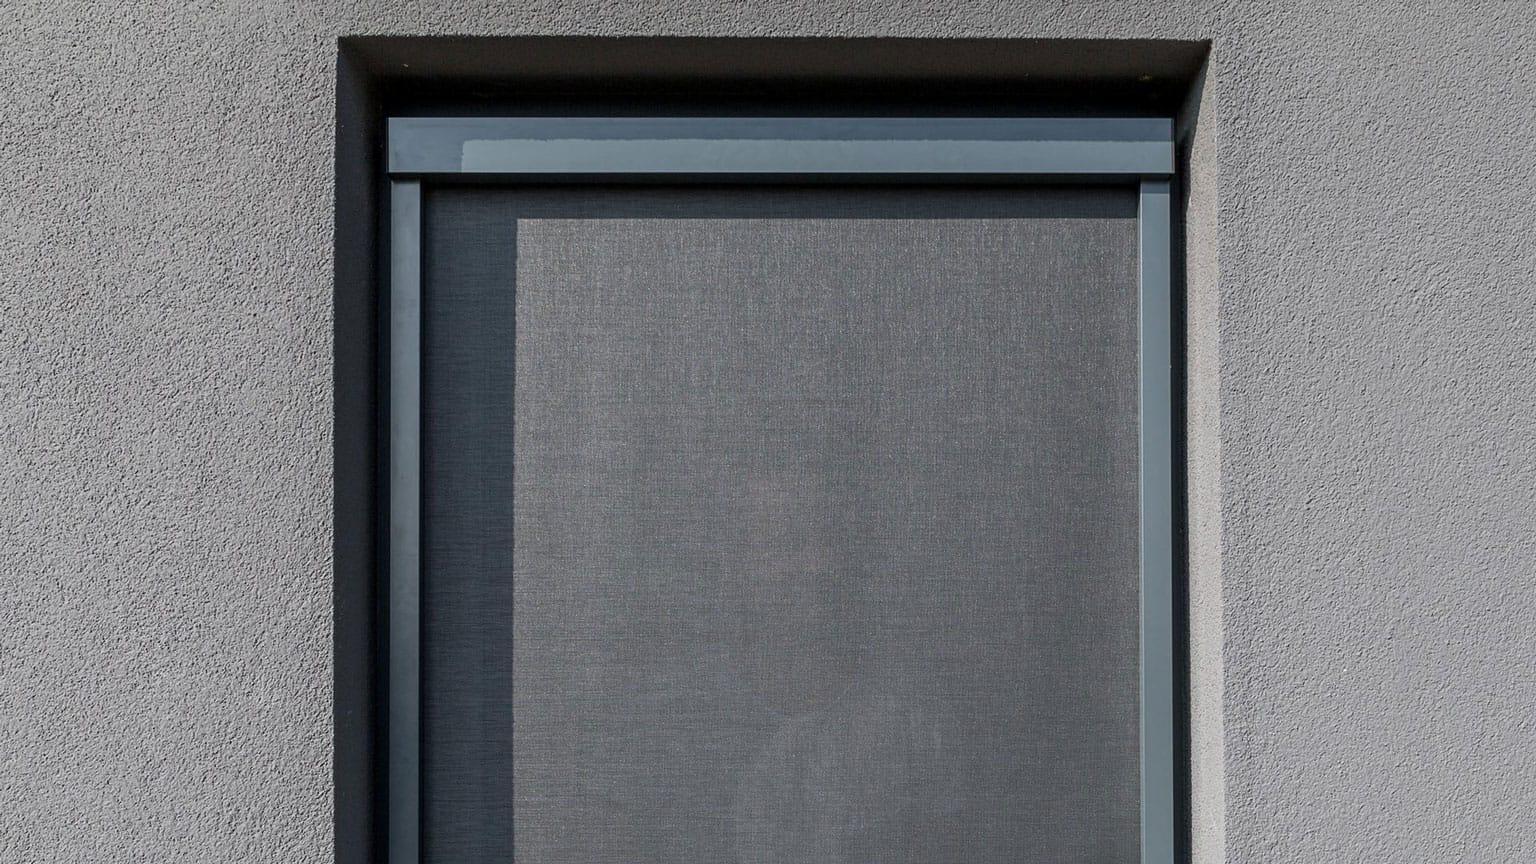 Favorit BLINOS – Das Außenrollo – Das einzige Außenrollo zum Klemmen JU91